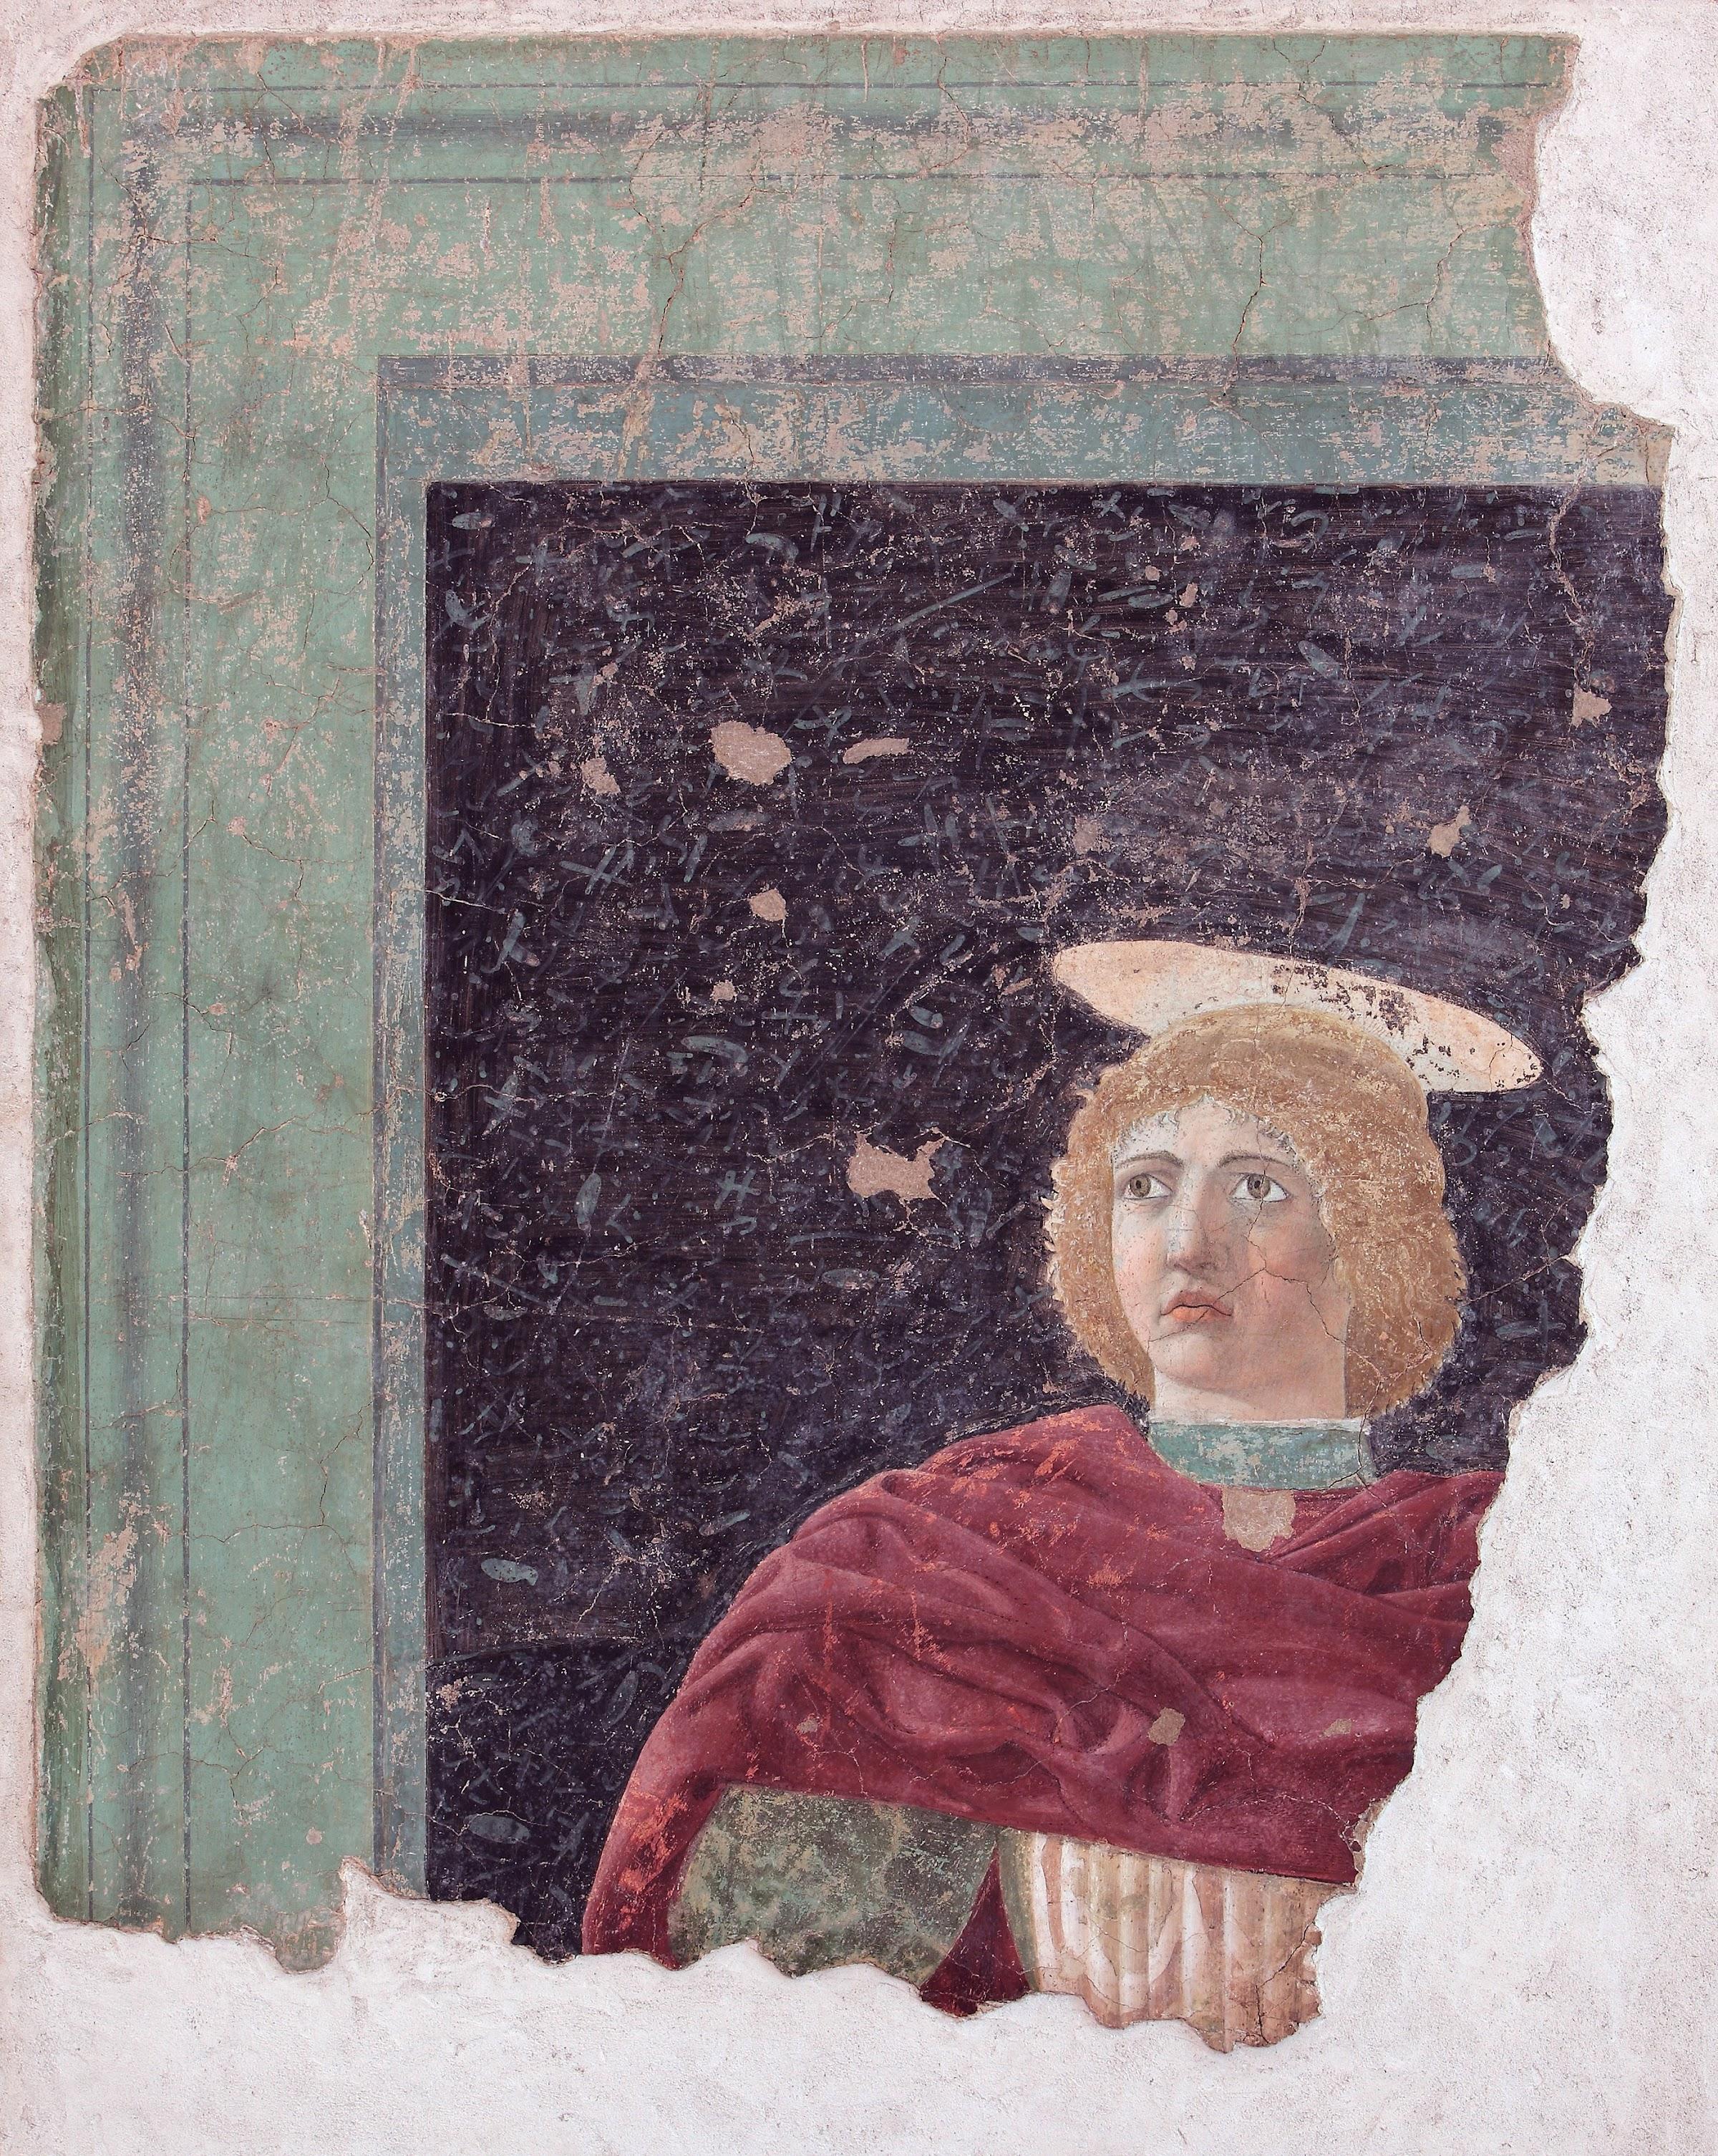 Piero della Francesca, San Giuliano (dettaglio), 1454-1458, affresco frammentario staccato, Museo Civico, Sansepolcro